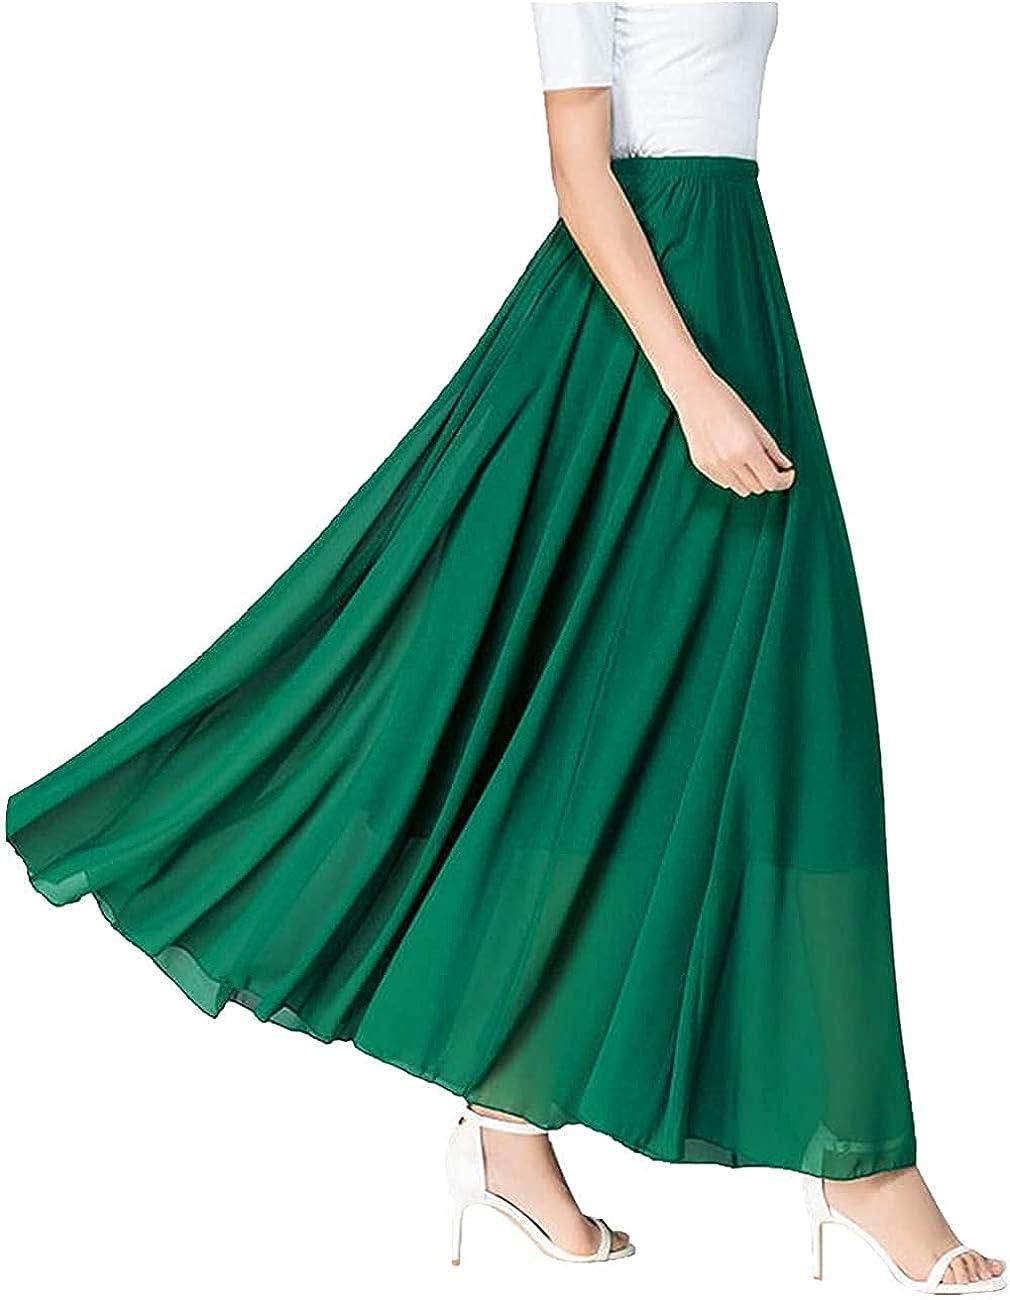 Ranle Women's High Waist Elastic Solid Color Skirt Ruffled Hem Long Skirt Holiday Casual Skirt